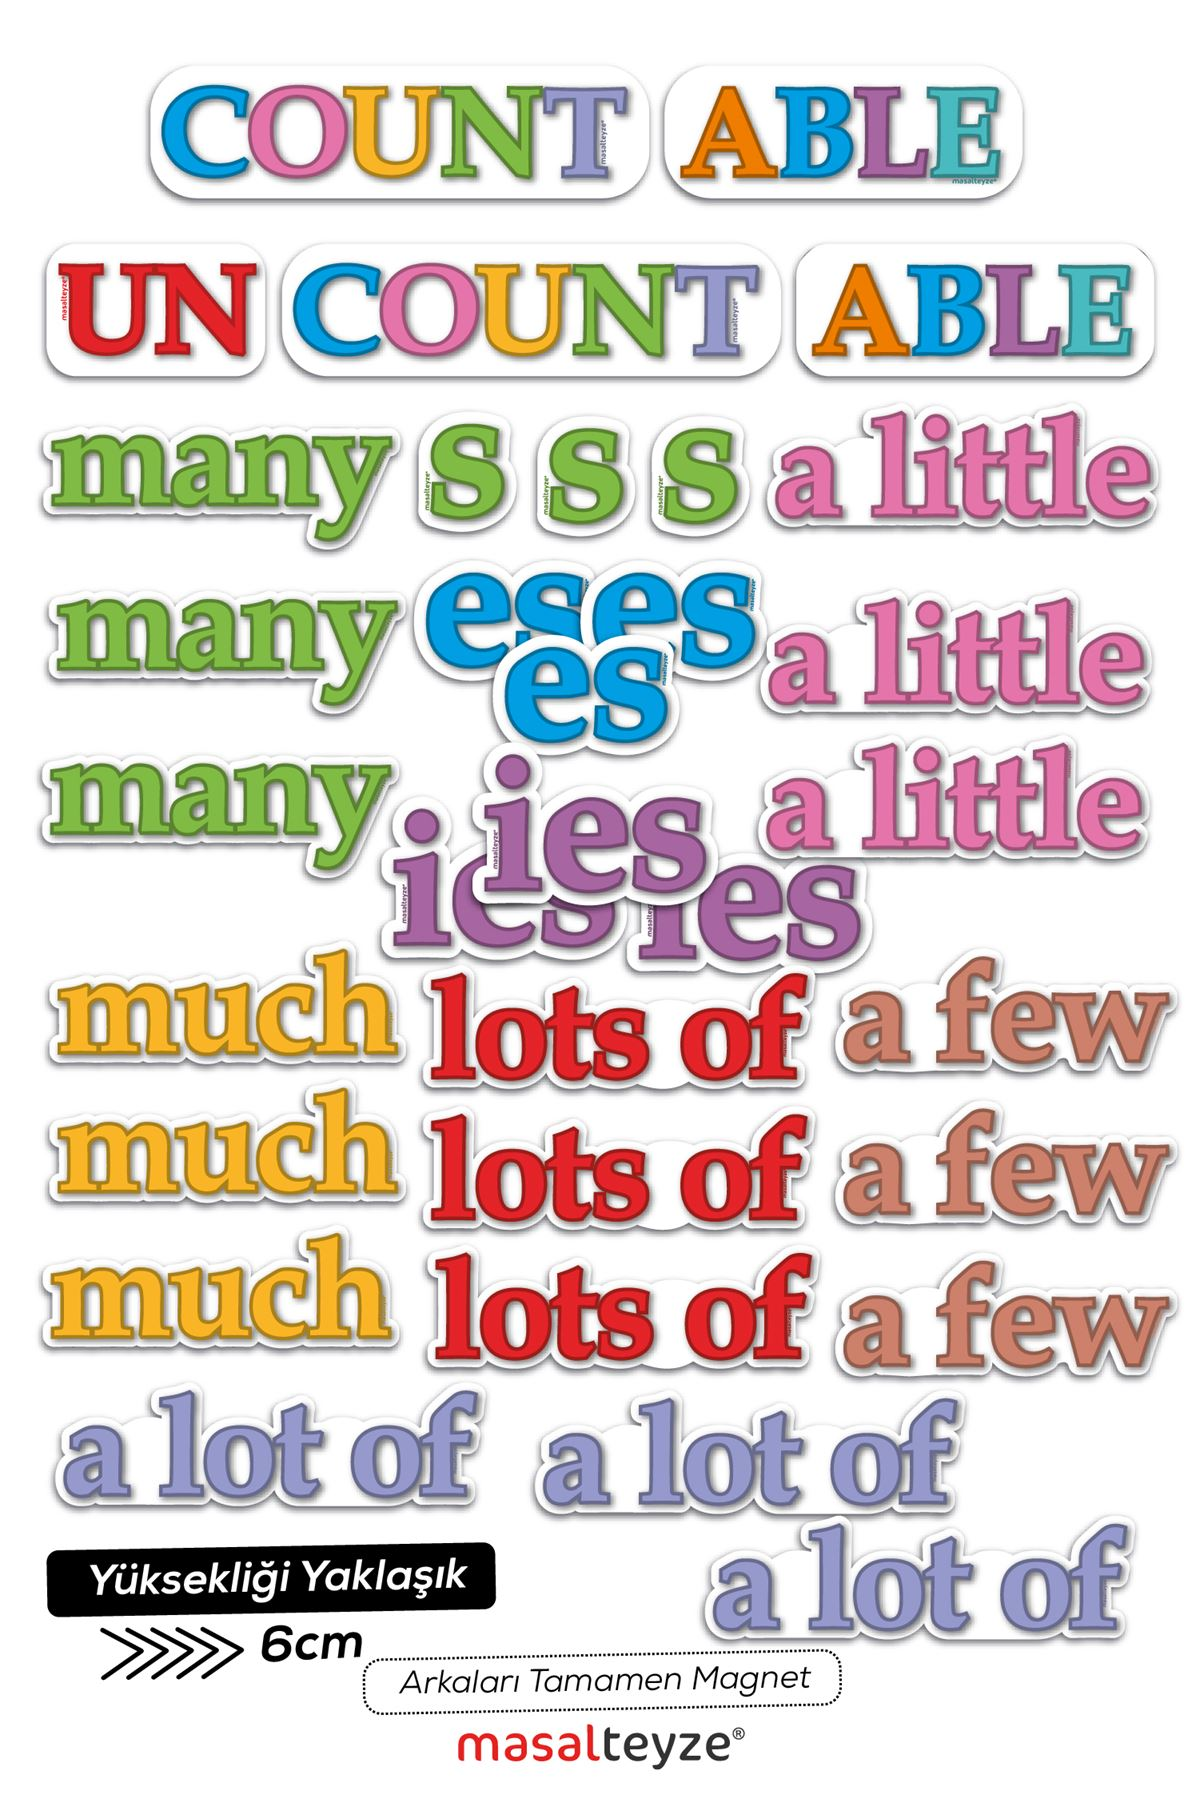 Countable Magnet Set 3'erli